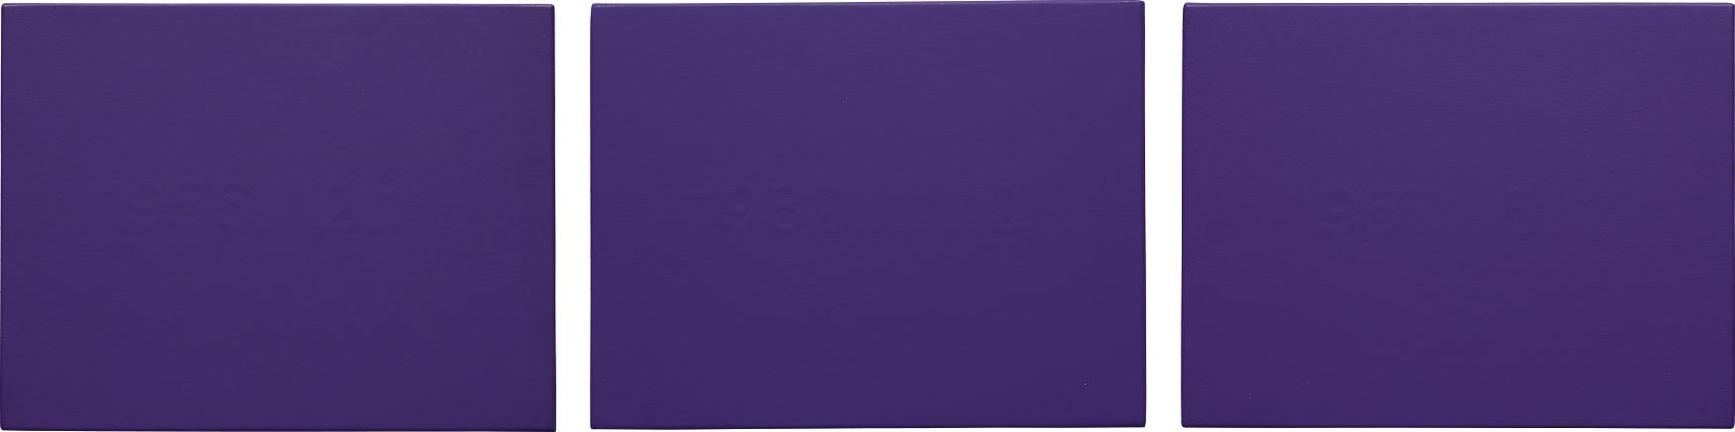 Takashi Murakami-Three Works: (i) Date Painting (1957.6.1); (ii) Date Painting (1982.11.12); (iii) Date Painting (1956.12.11)-1993